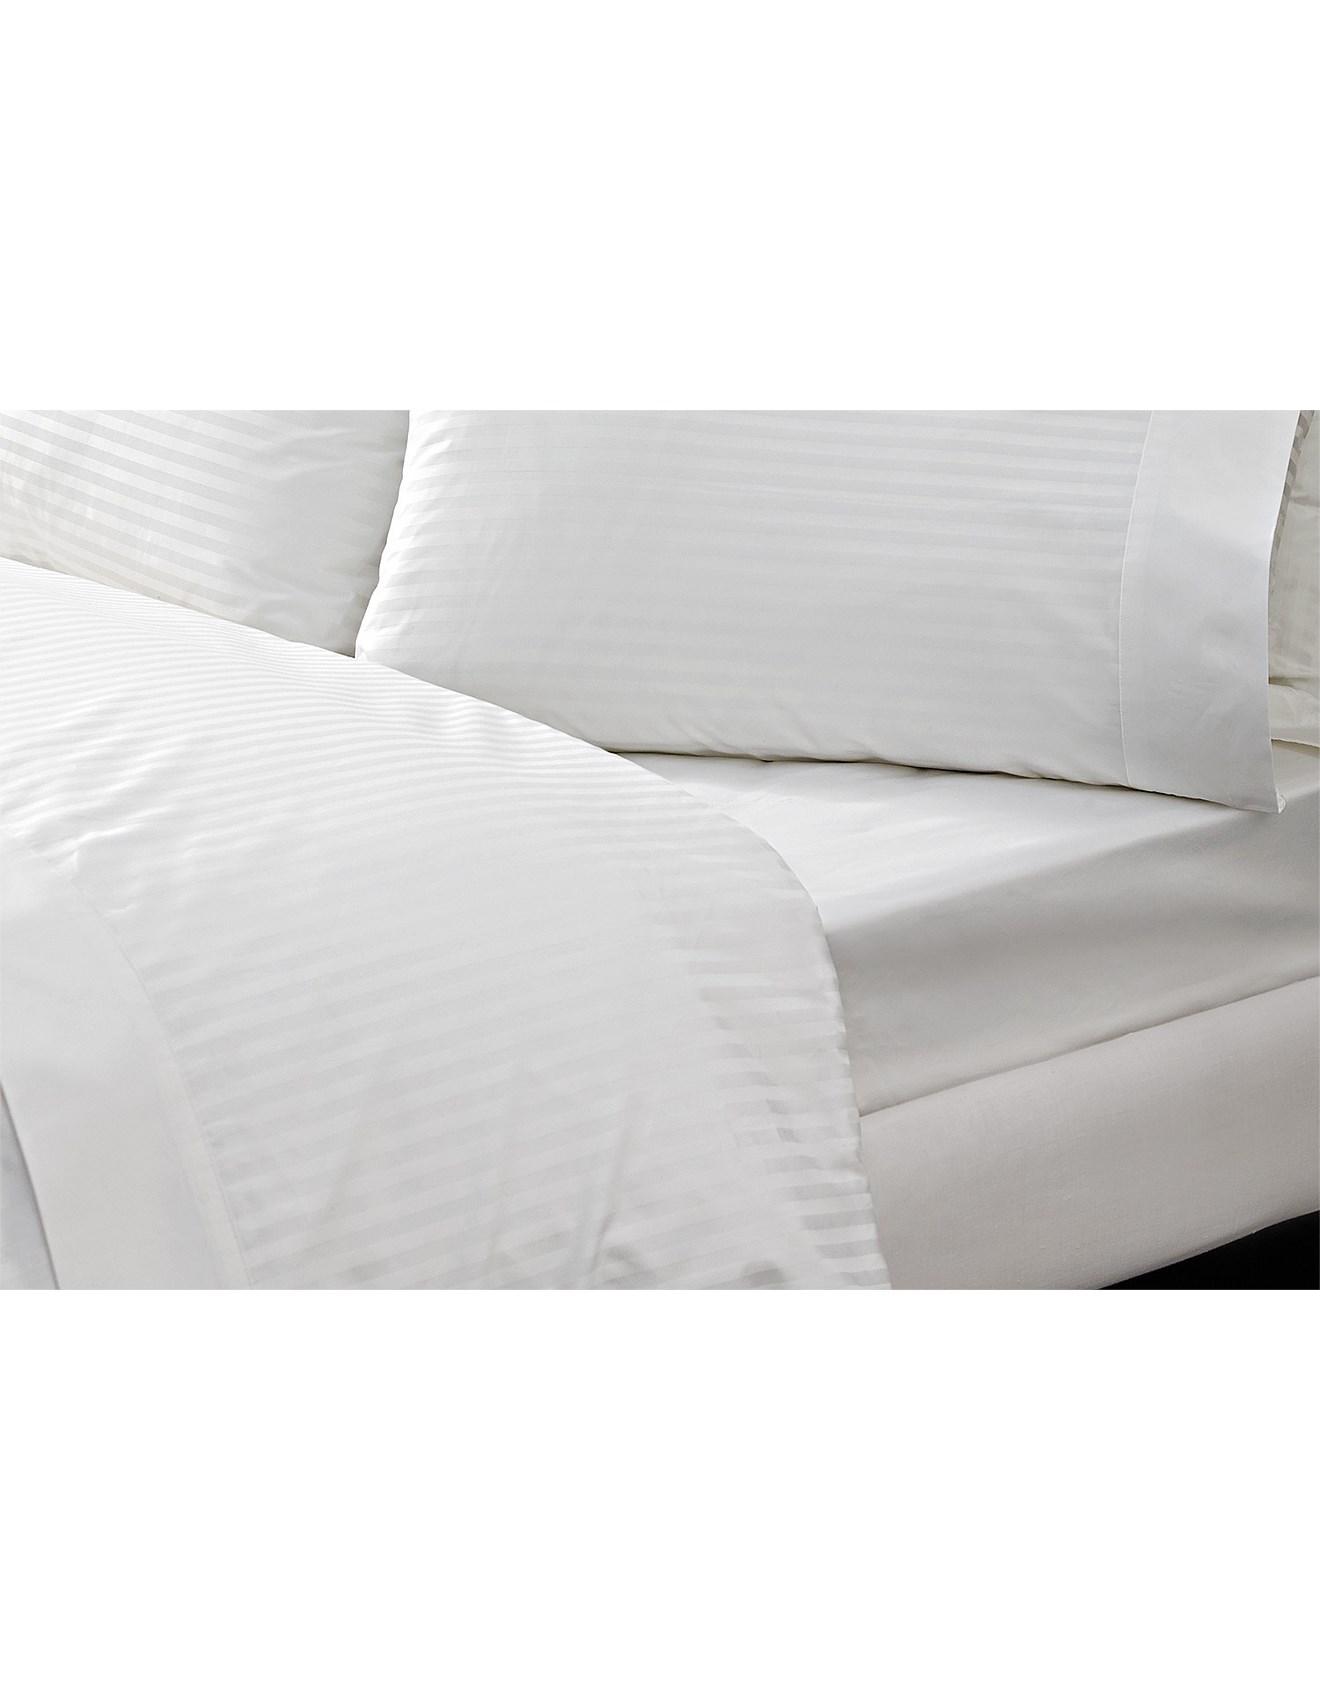 bedding bed linen bed sheets more online david. Black Bedroom Furniture Sets. Home Design Ideas